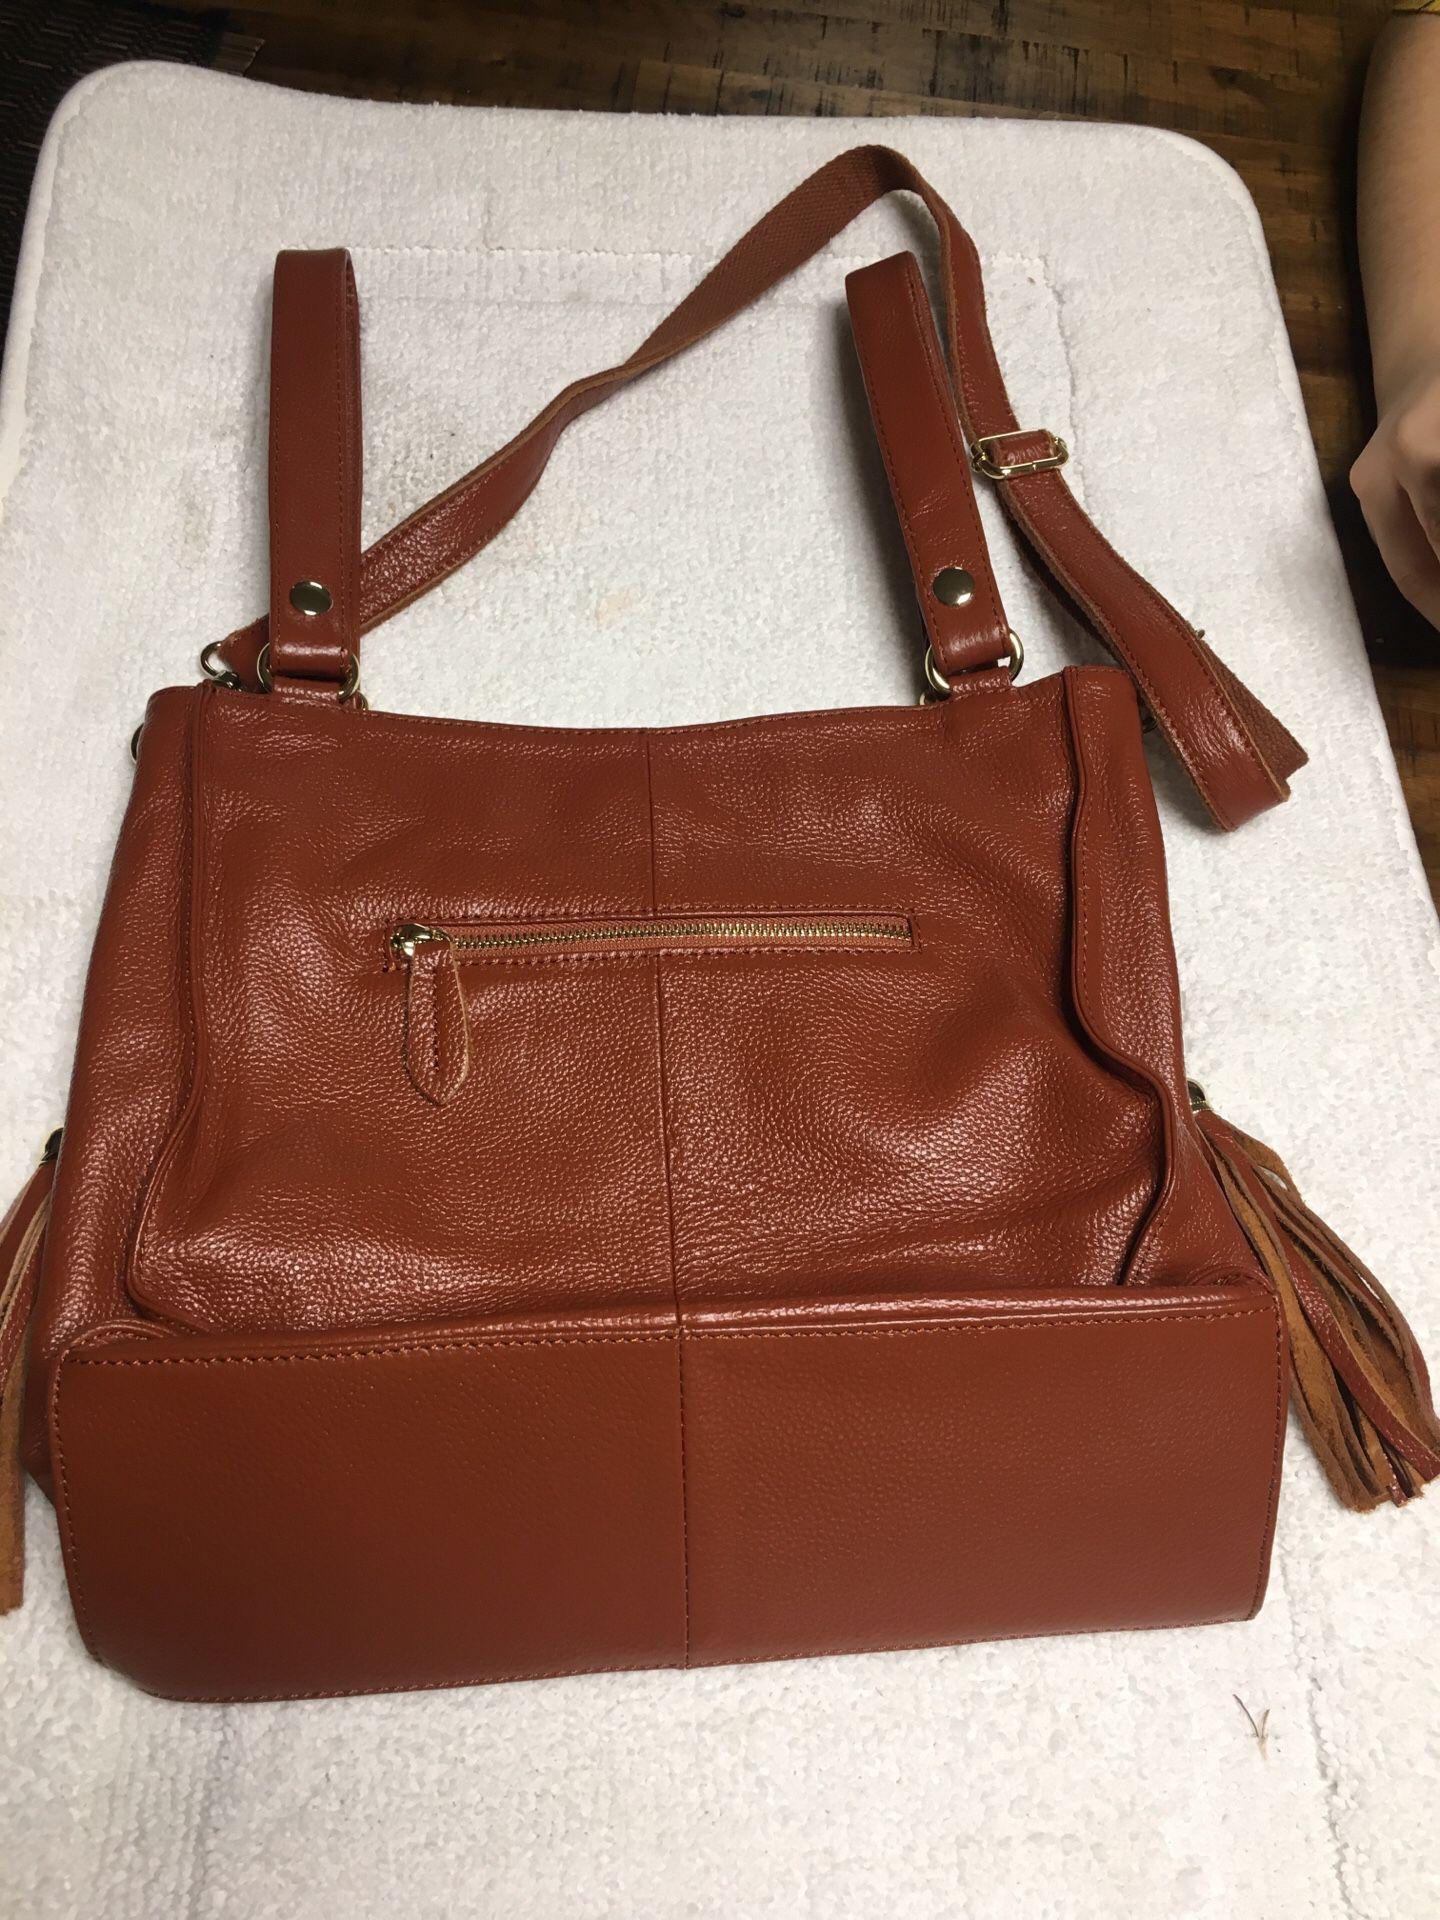 Zency purse